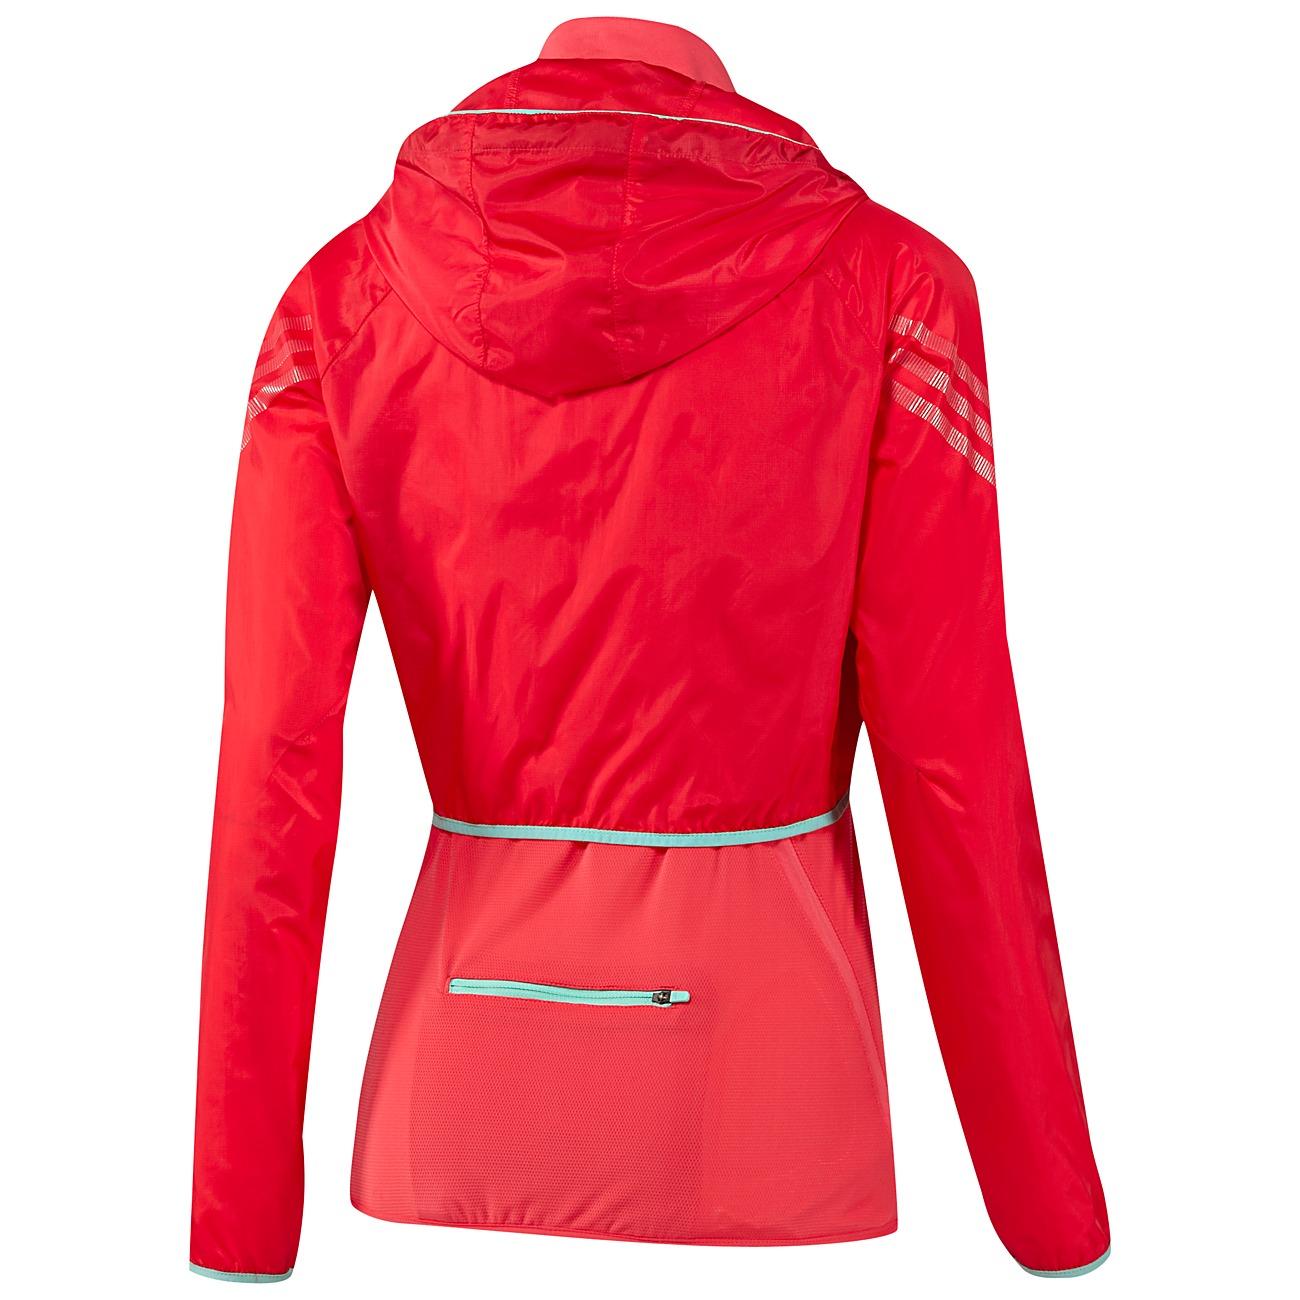 Adidas kleidung damen ebay